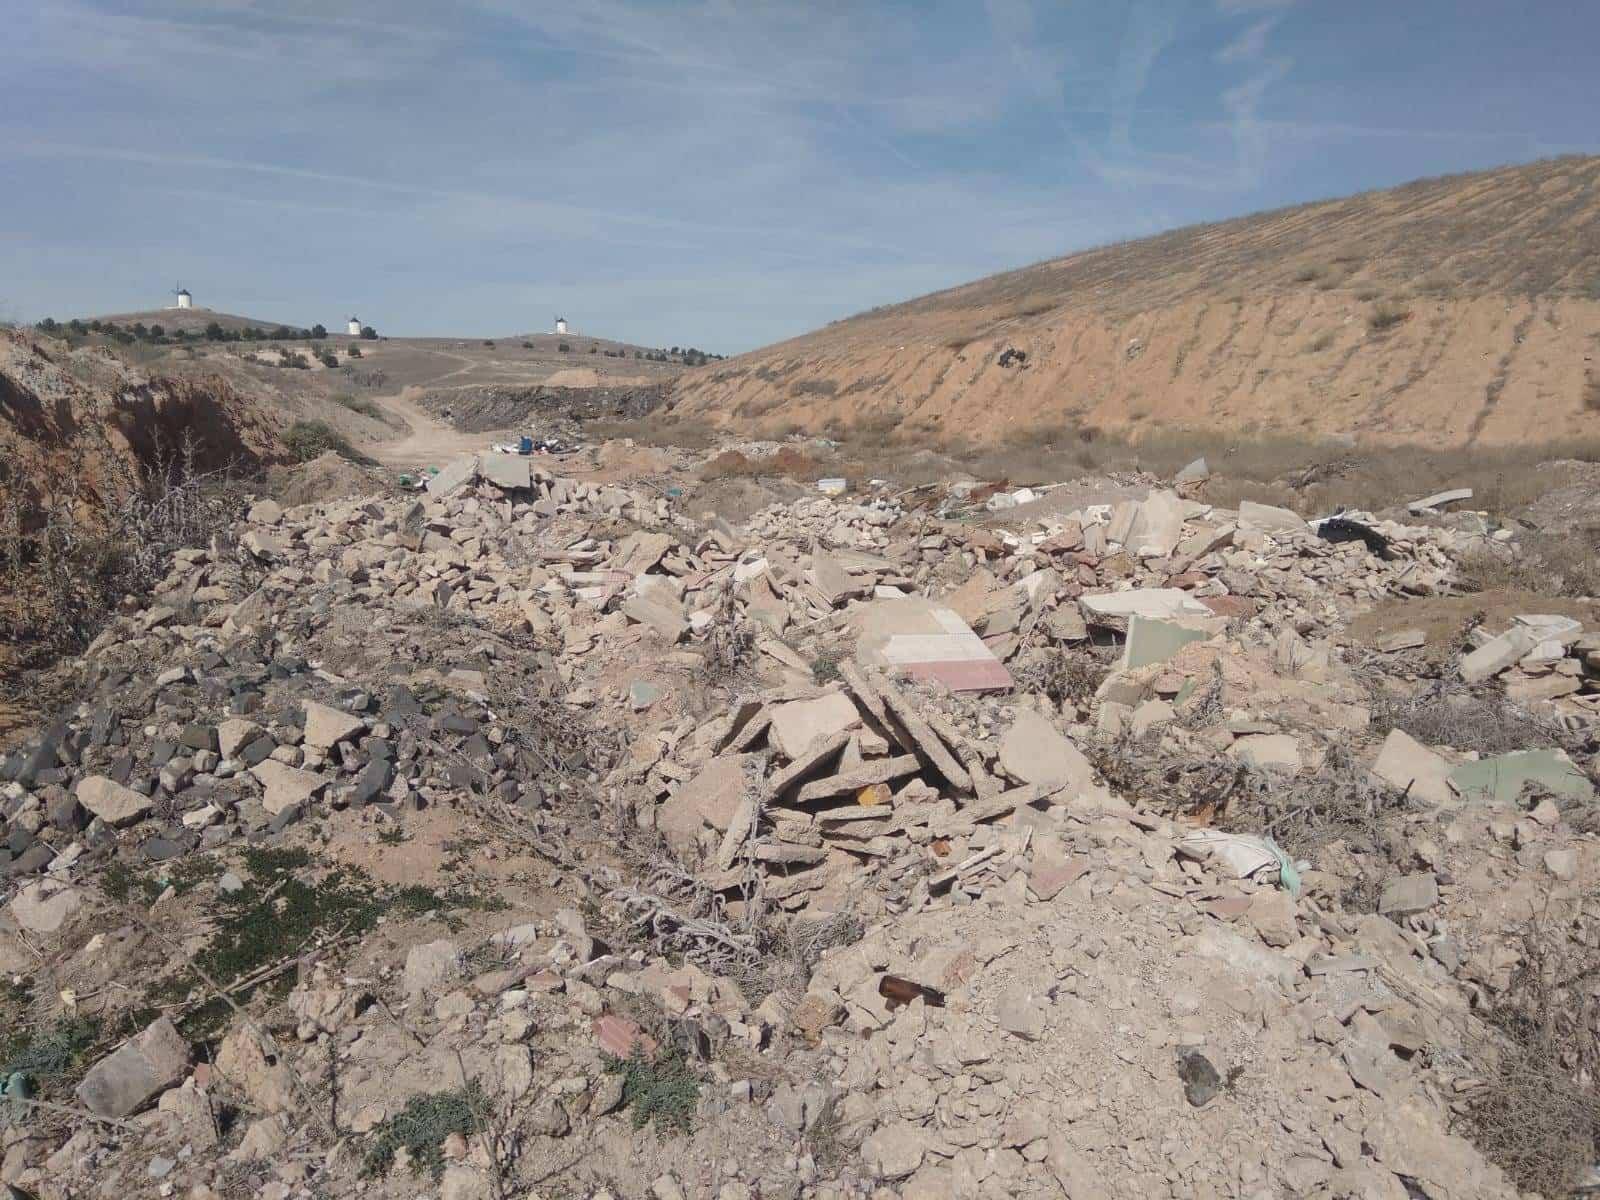 20190225 Escombros junto a la planta de tratamiento - Ciudadanos Herencia pide al Ayuntamiento que traten los escombros como establece la normativa